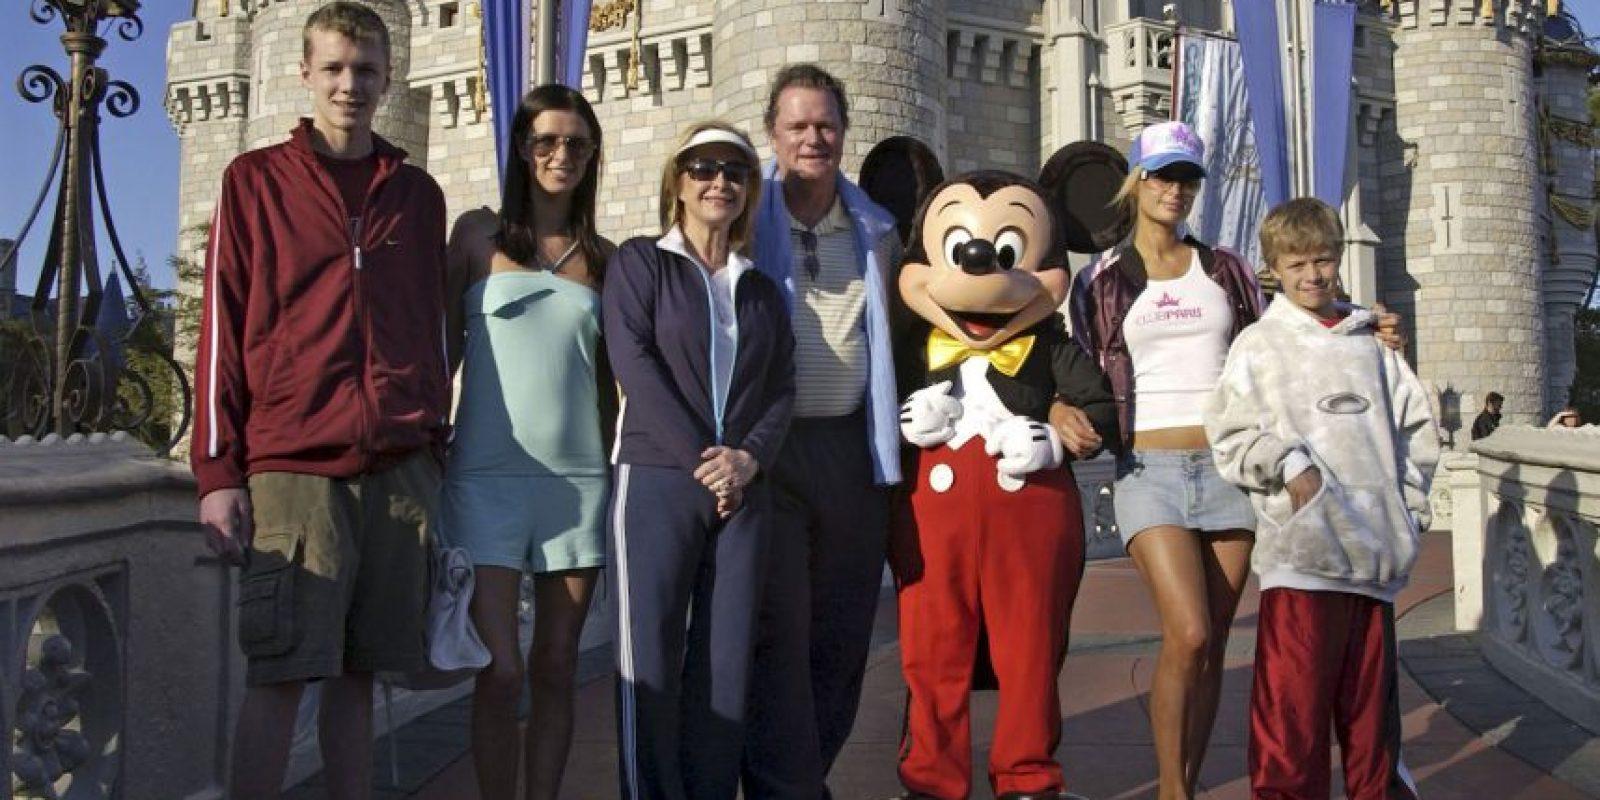 La exnovia de Conrad ha llegado a decir que el hermano de Paris Hilton tiene tendencias suicidas. Foto:Getty Images